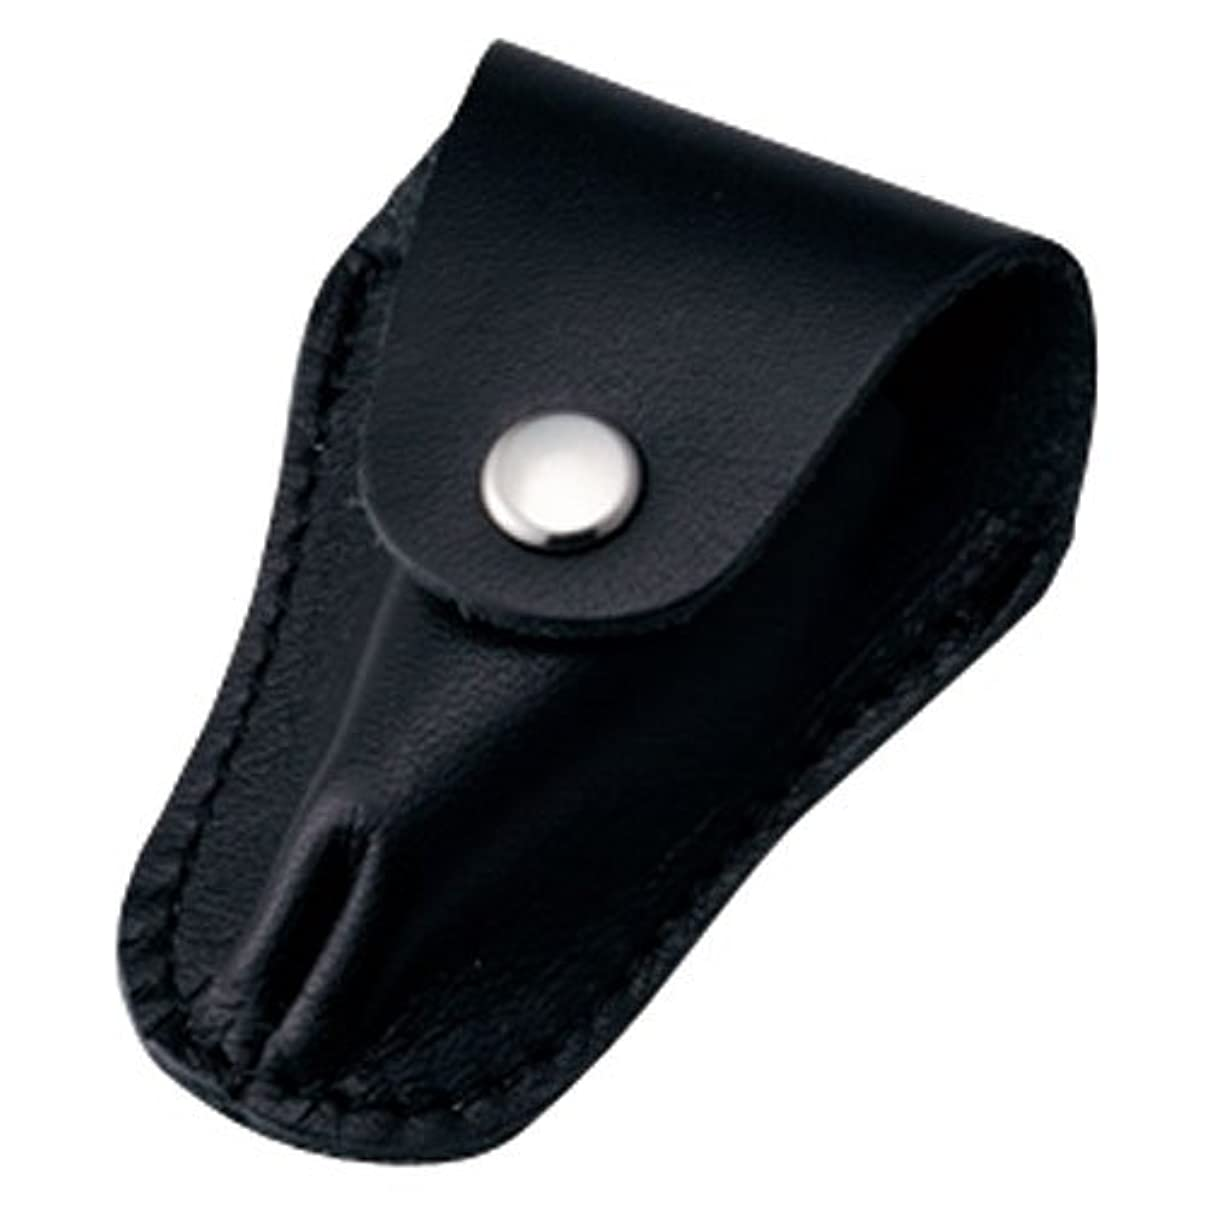 意欲ページホーム内海 ニッパーキャップL ブラック 本革製のキューティクルニッパー用刃先カバー